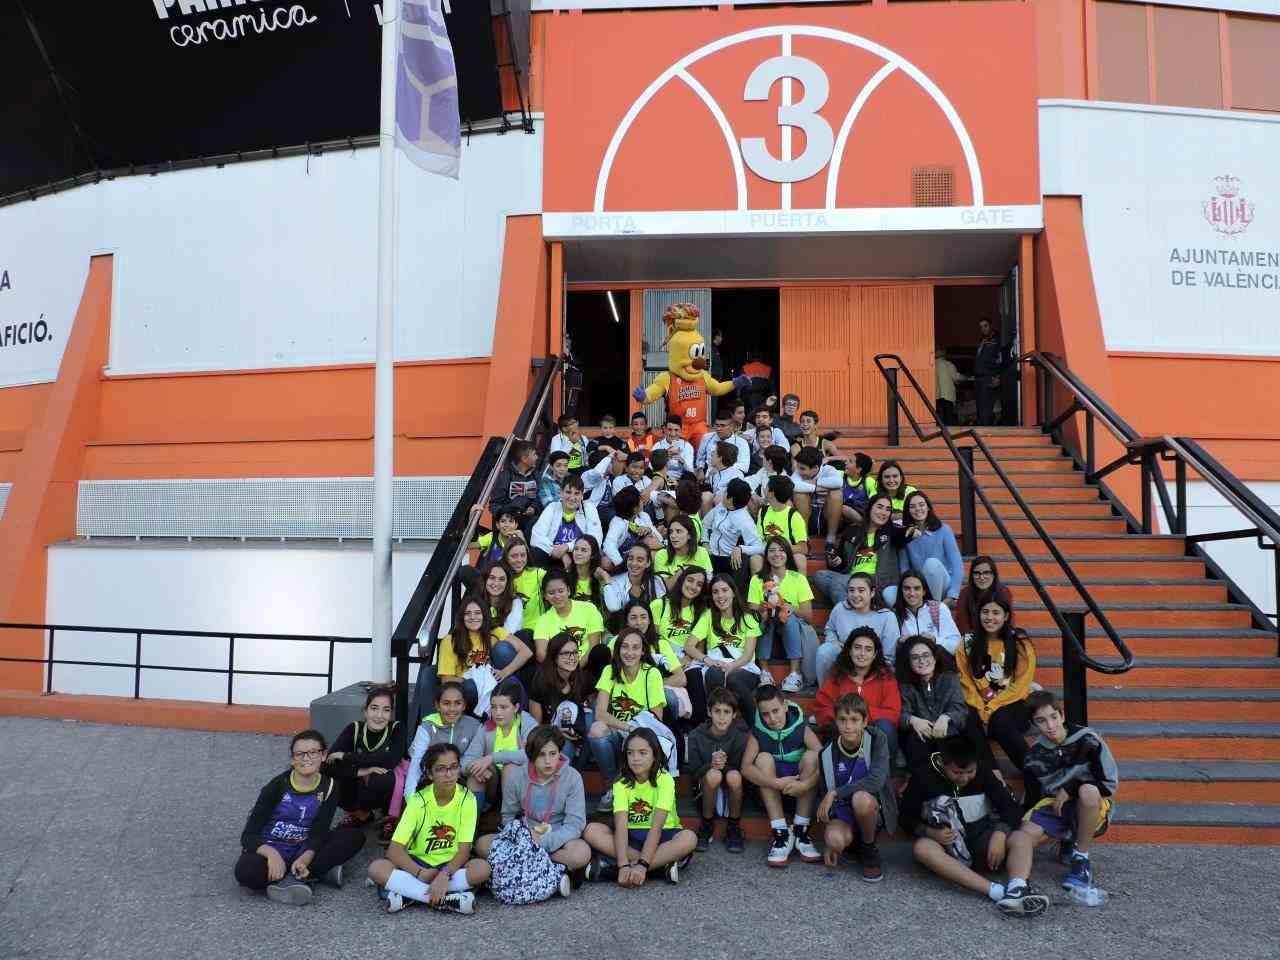 Jugadors i familiars del CB Teixereta visiten el pavelló Font de Sant Lluís de València (La Fonteta)